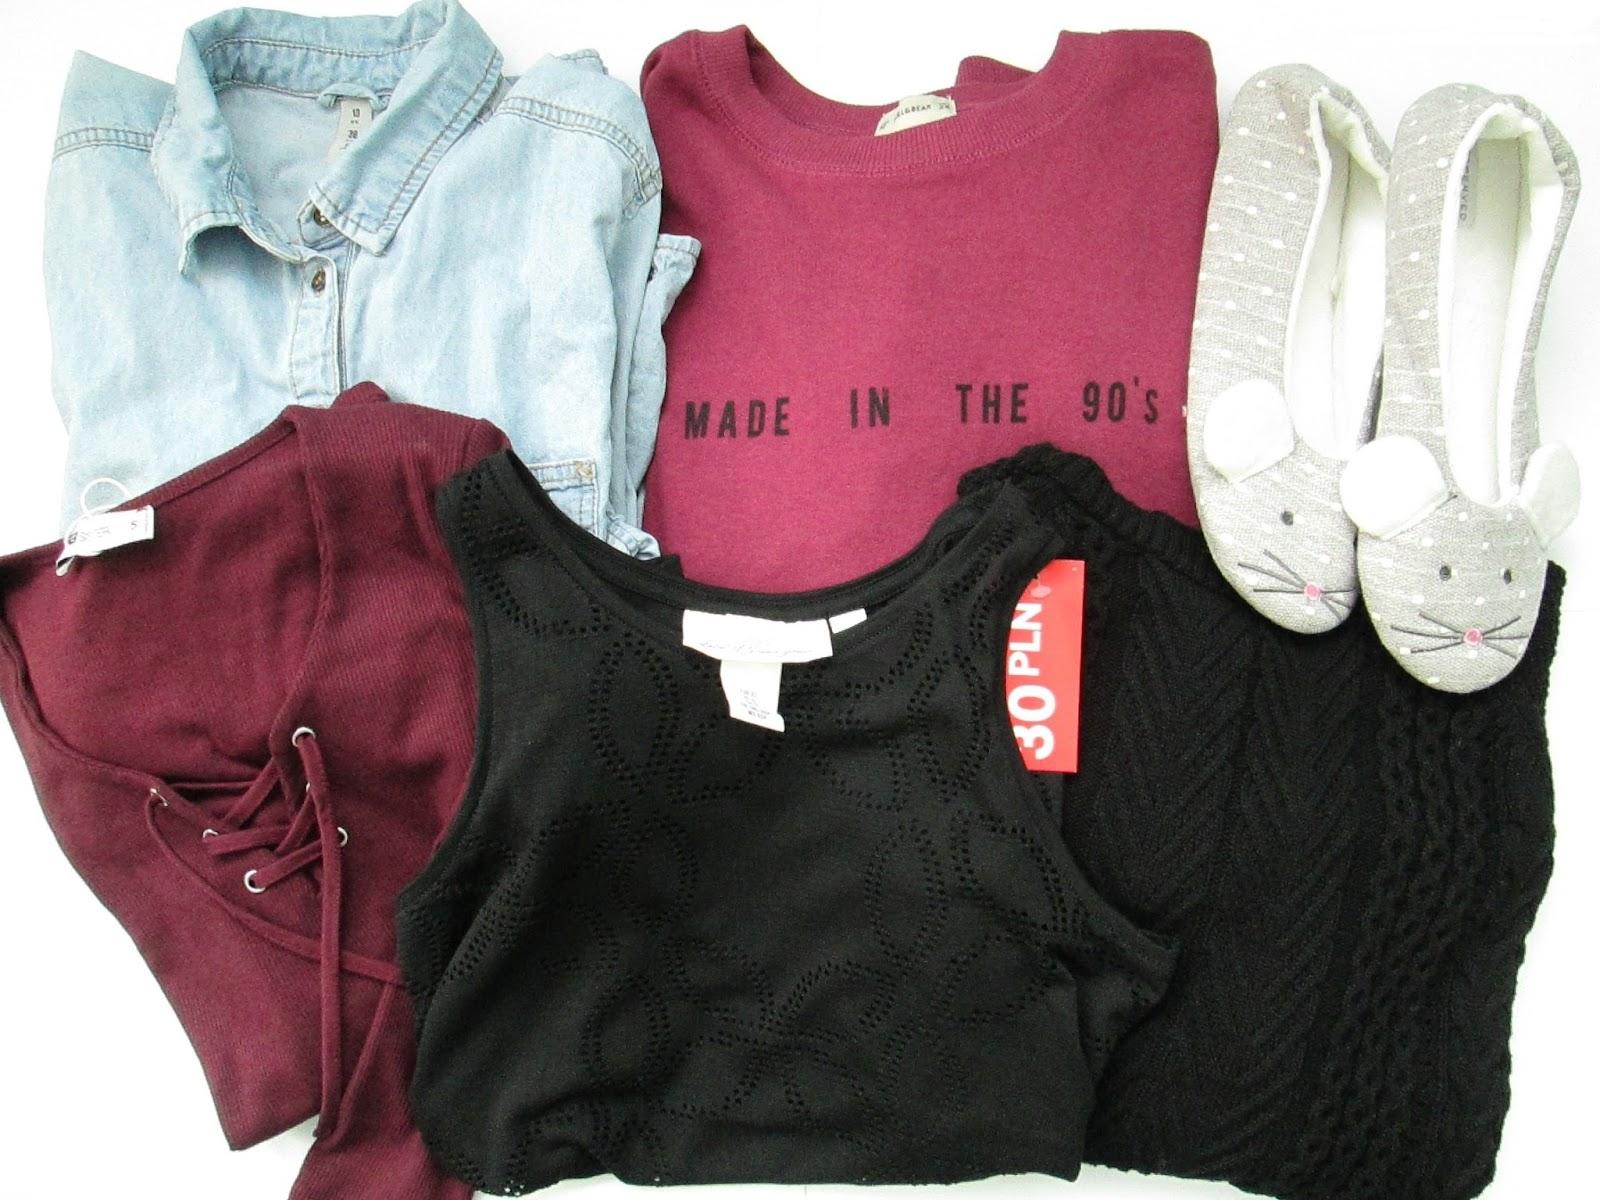 koszula jeansowa sh, papcie myszki Reserved, bluza Pull&Bear Made in the 90s, bluzka ze sznurowaniem